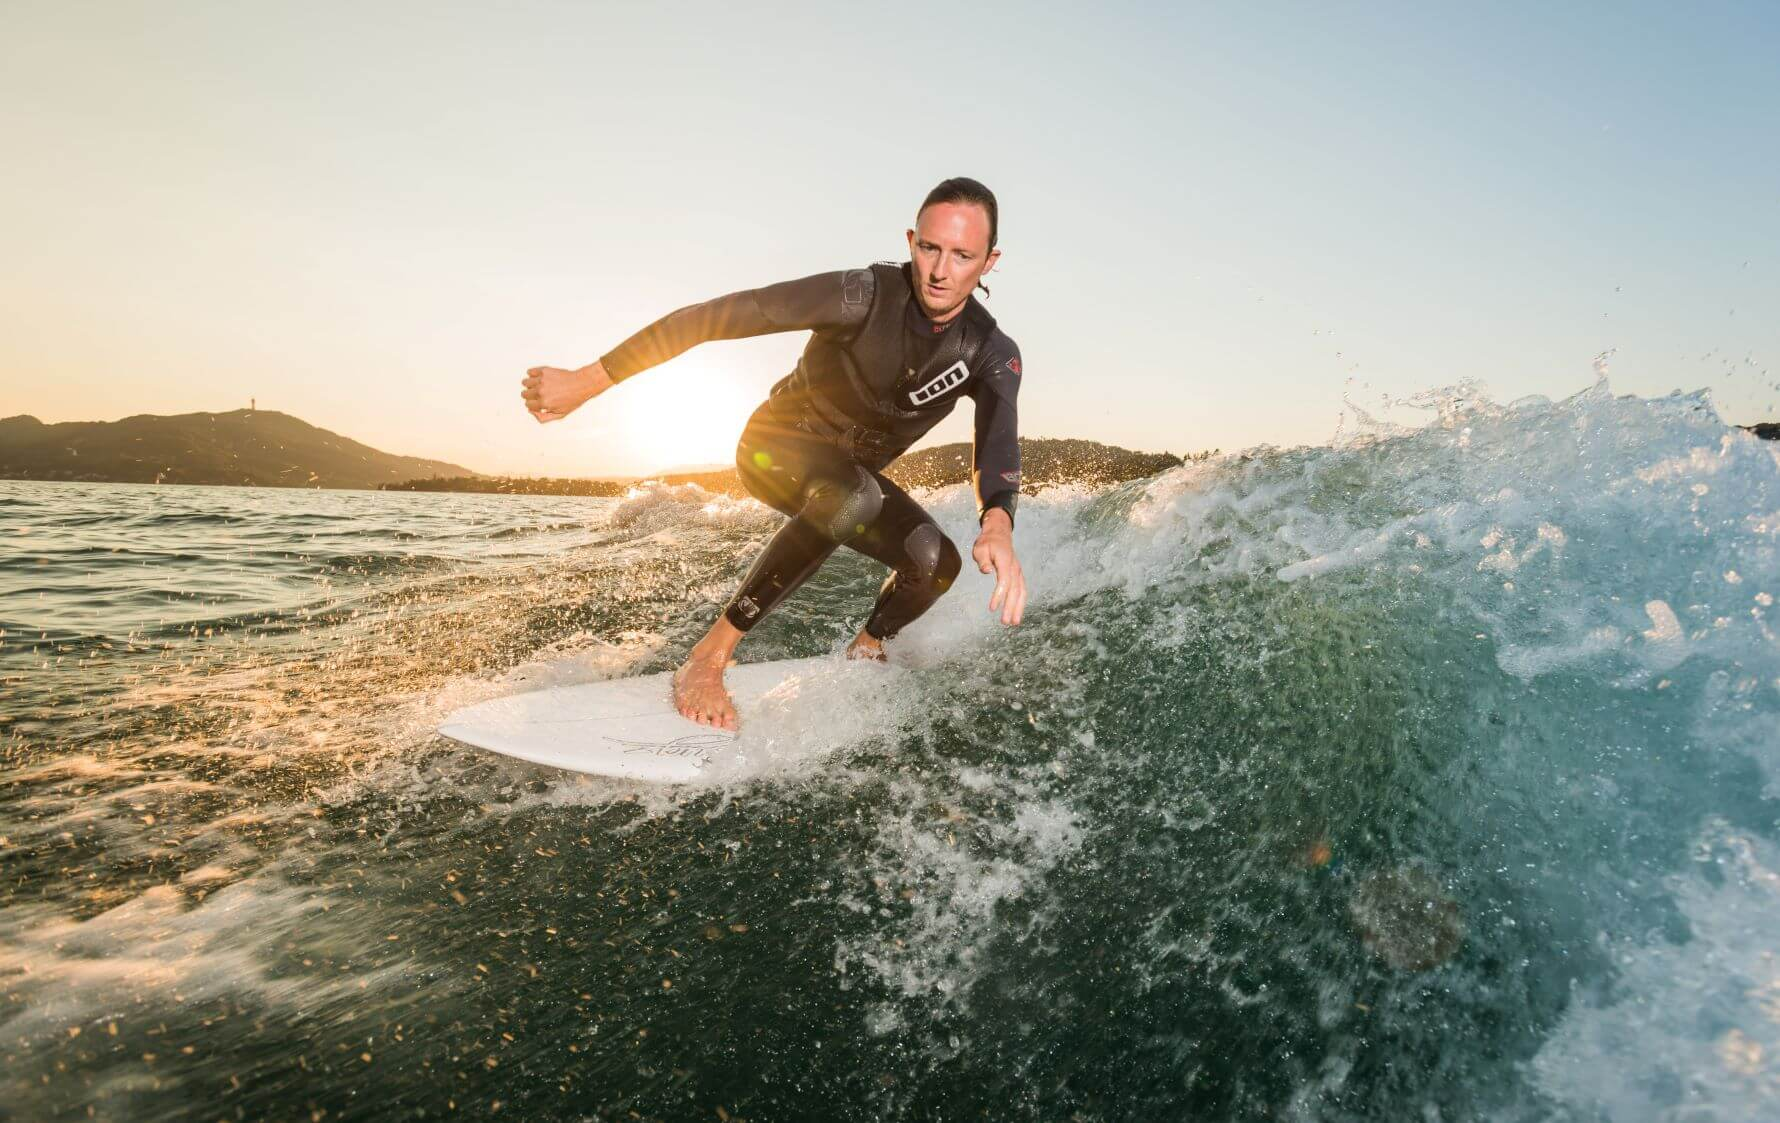 Mann surft im Sonnenuntergang auf einer stehenden Welle am Wörthersee.